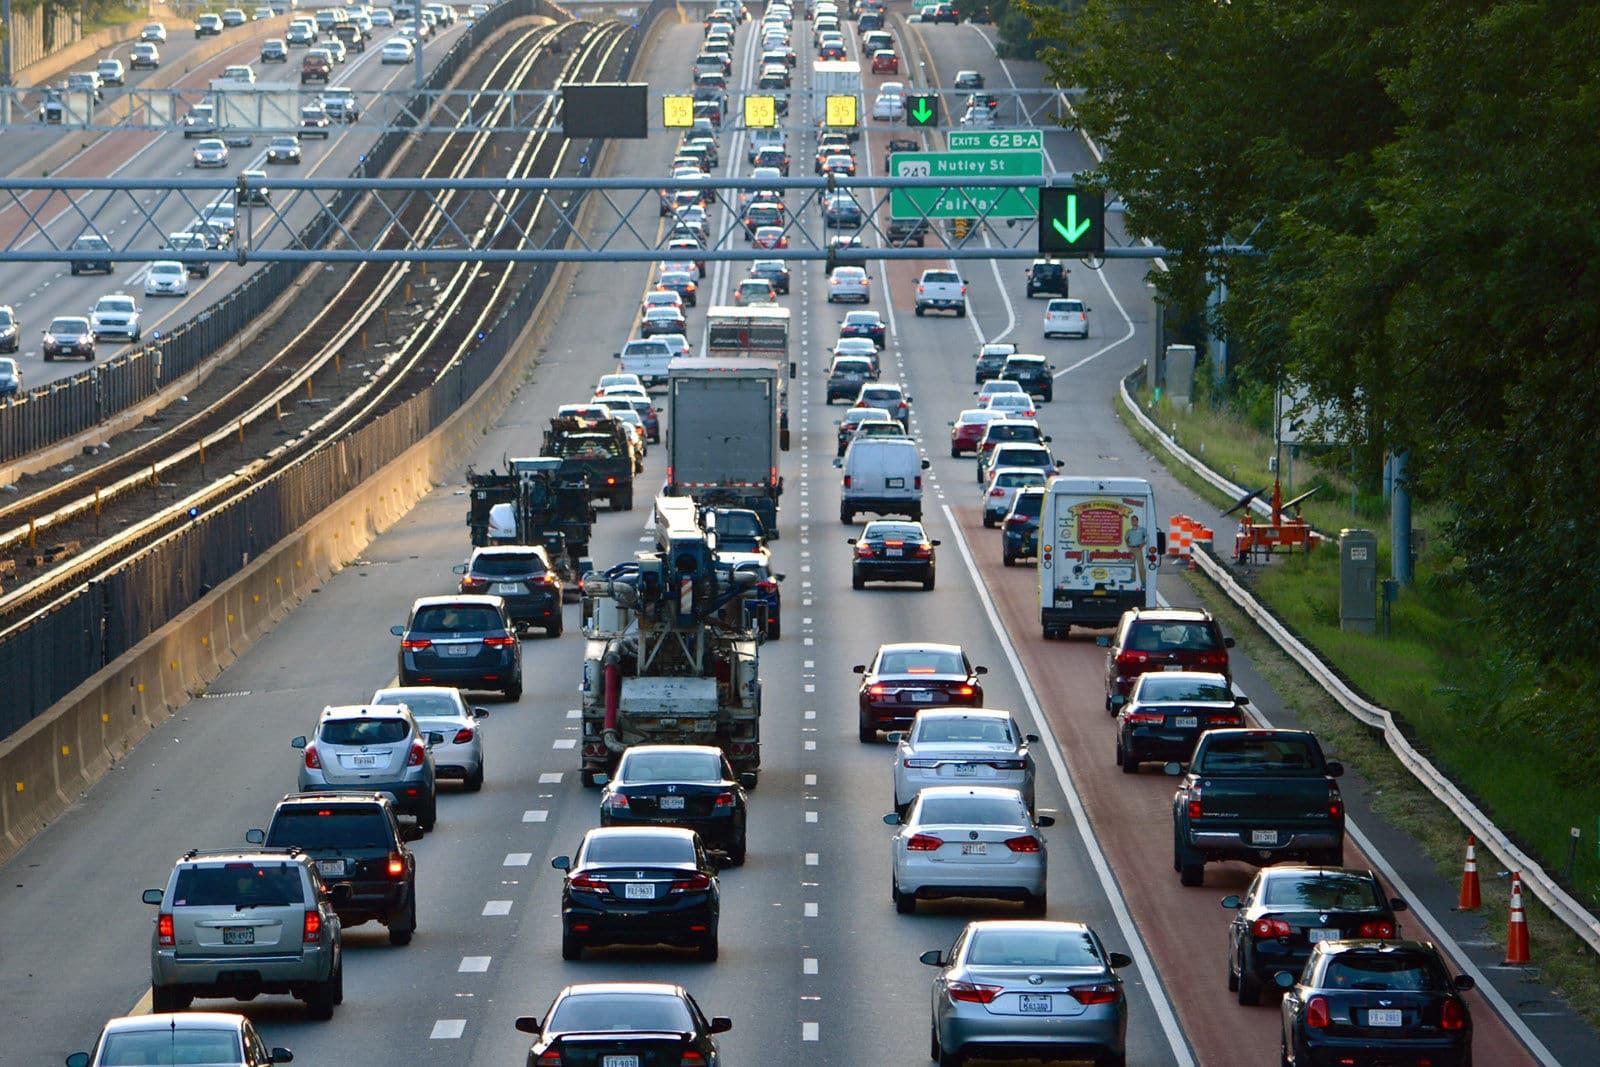 Interstate 66